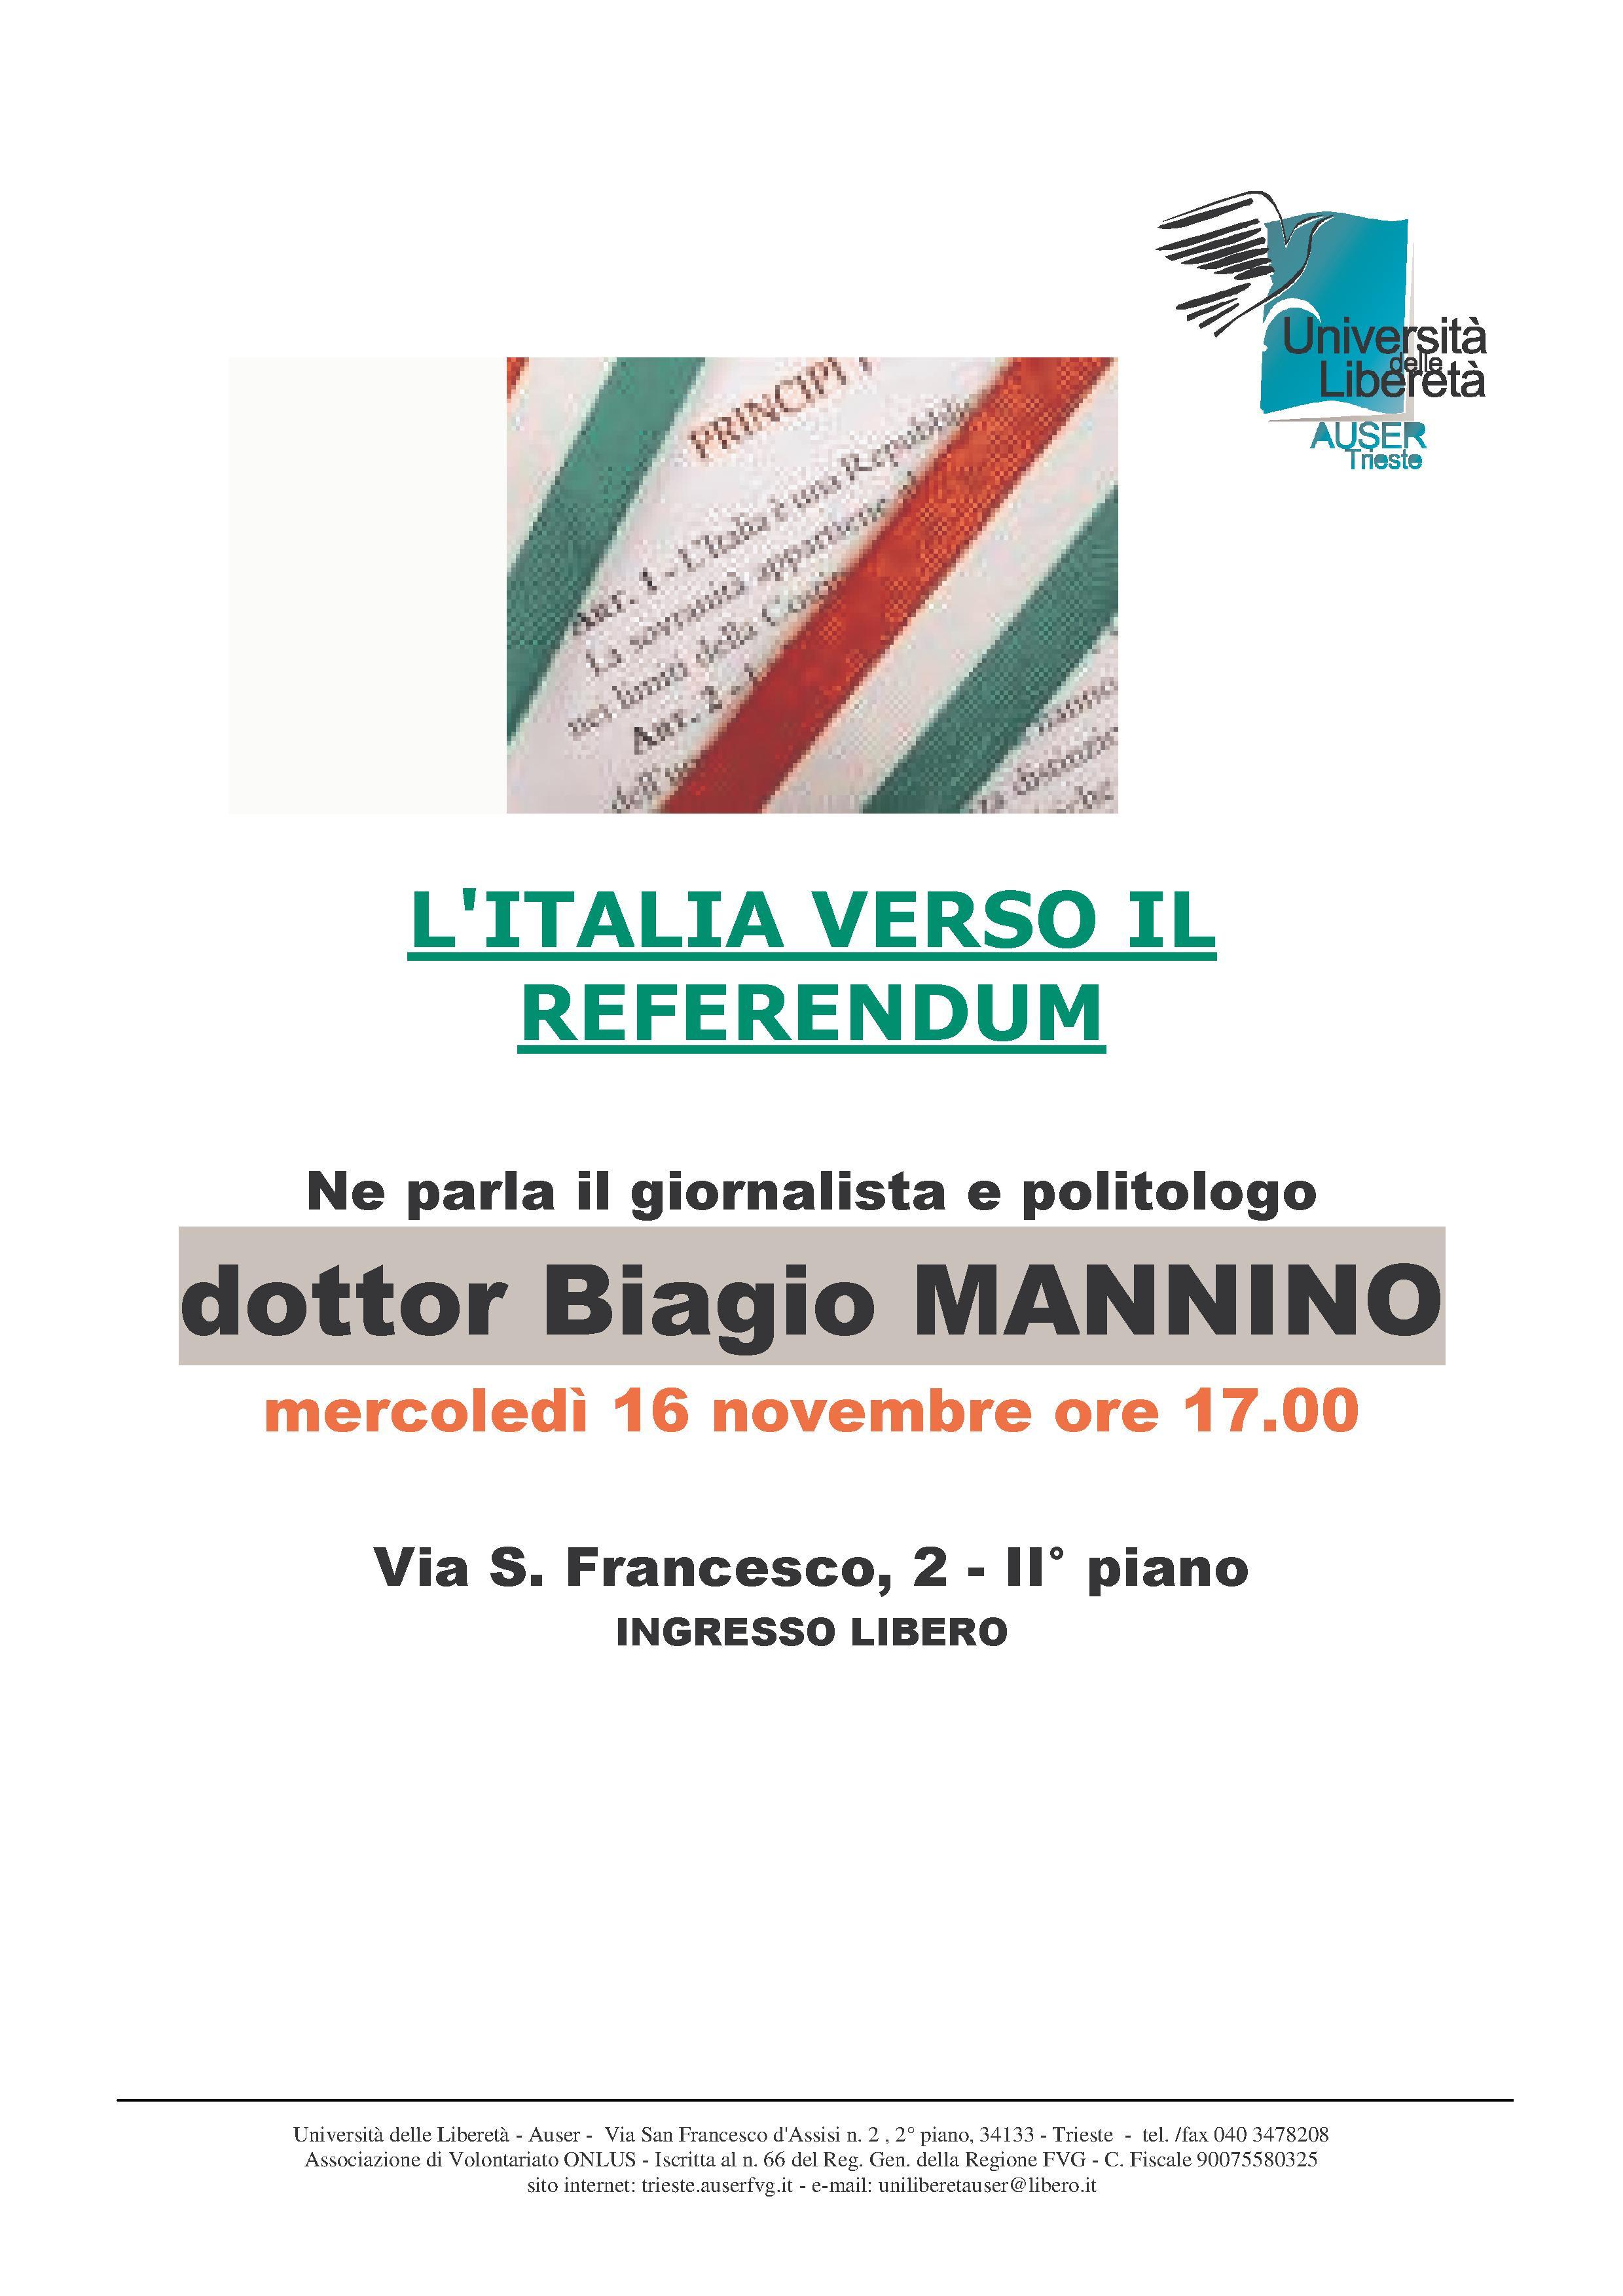 locandina-mannino-referendum